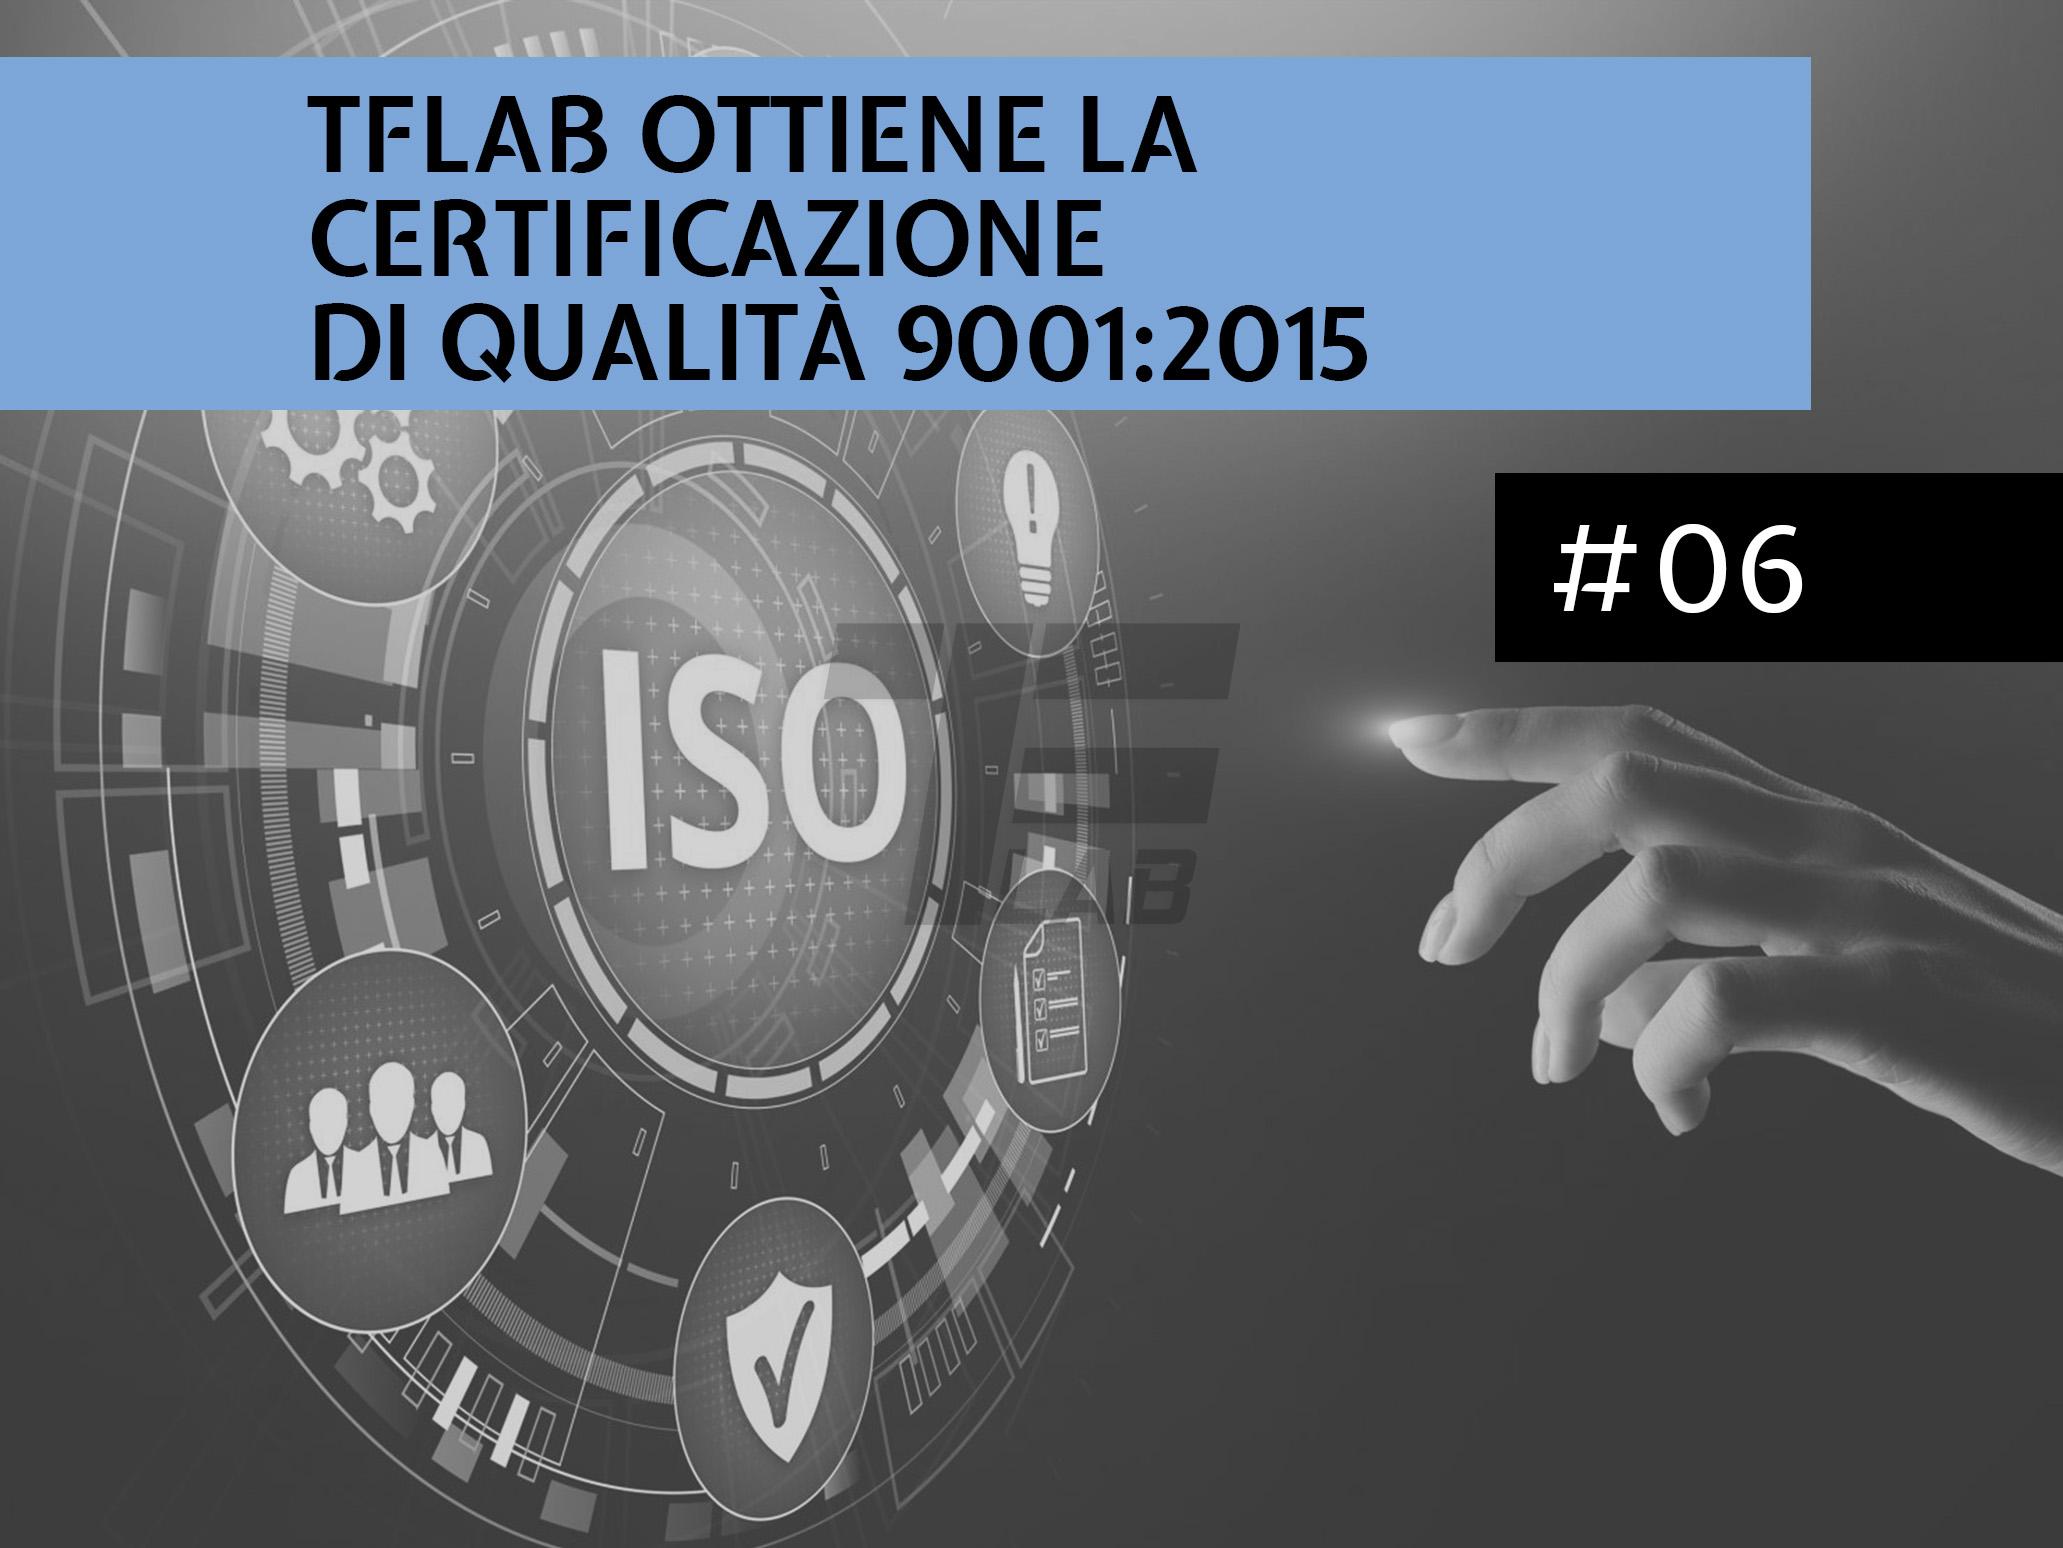 TFLab ottiene la certificazione di qualità 9001:2015